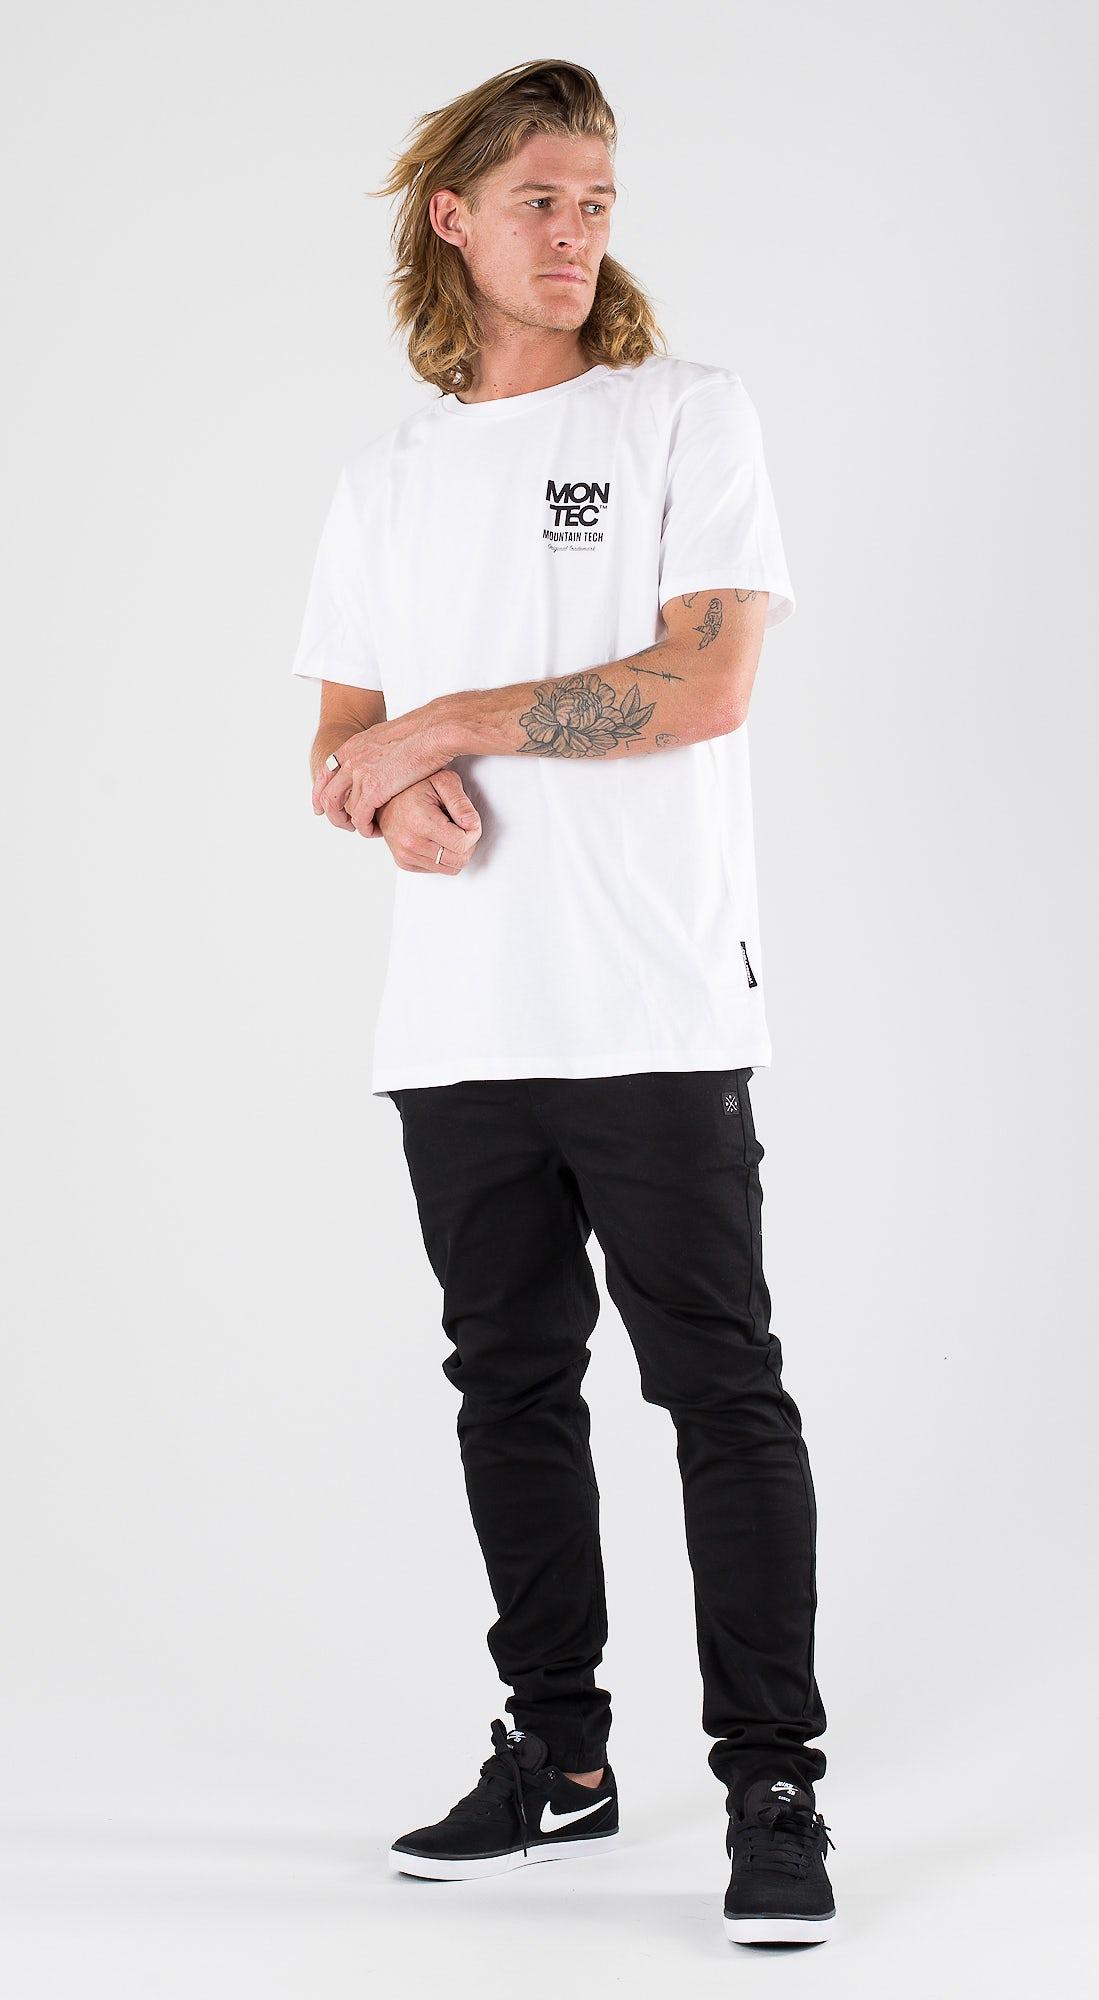 Montec M-Tech White